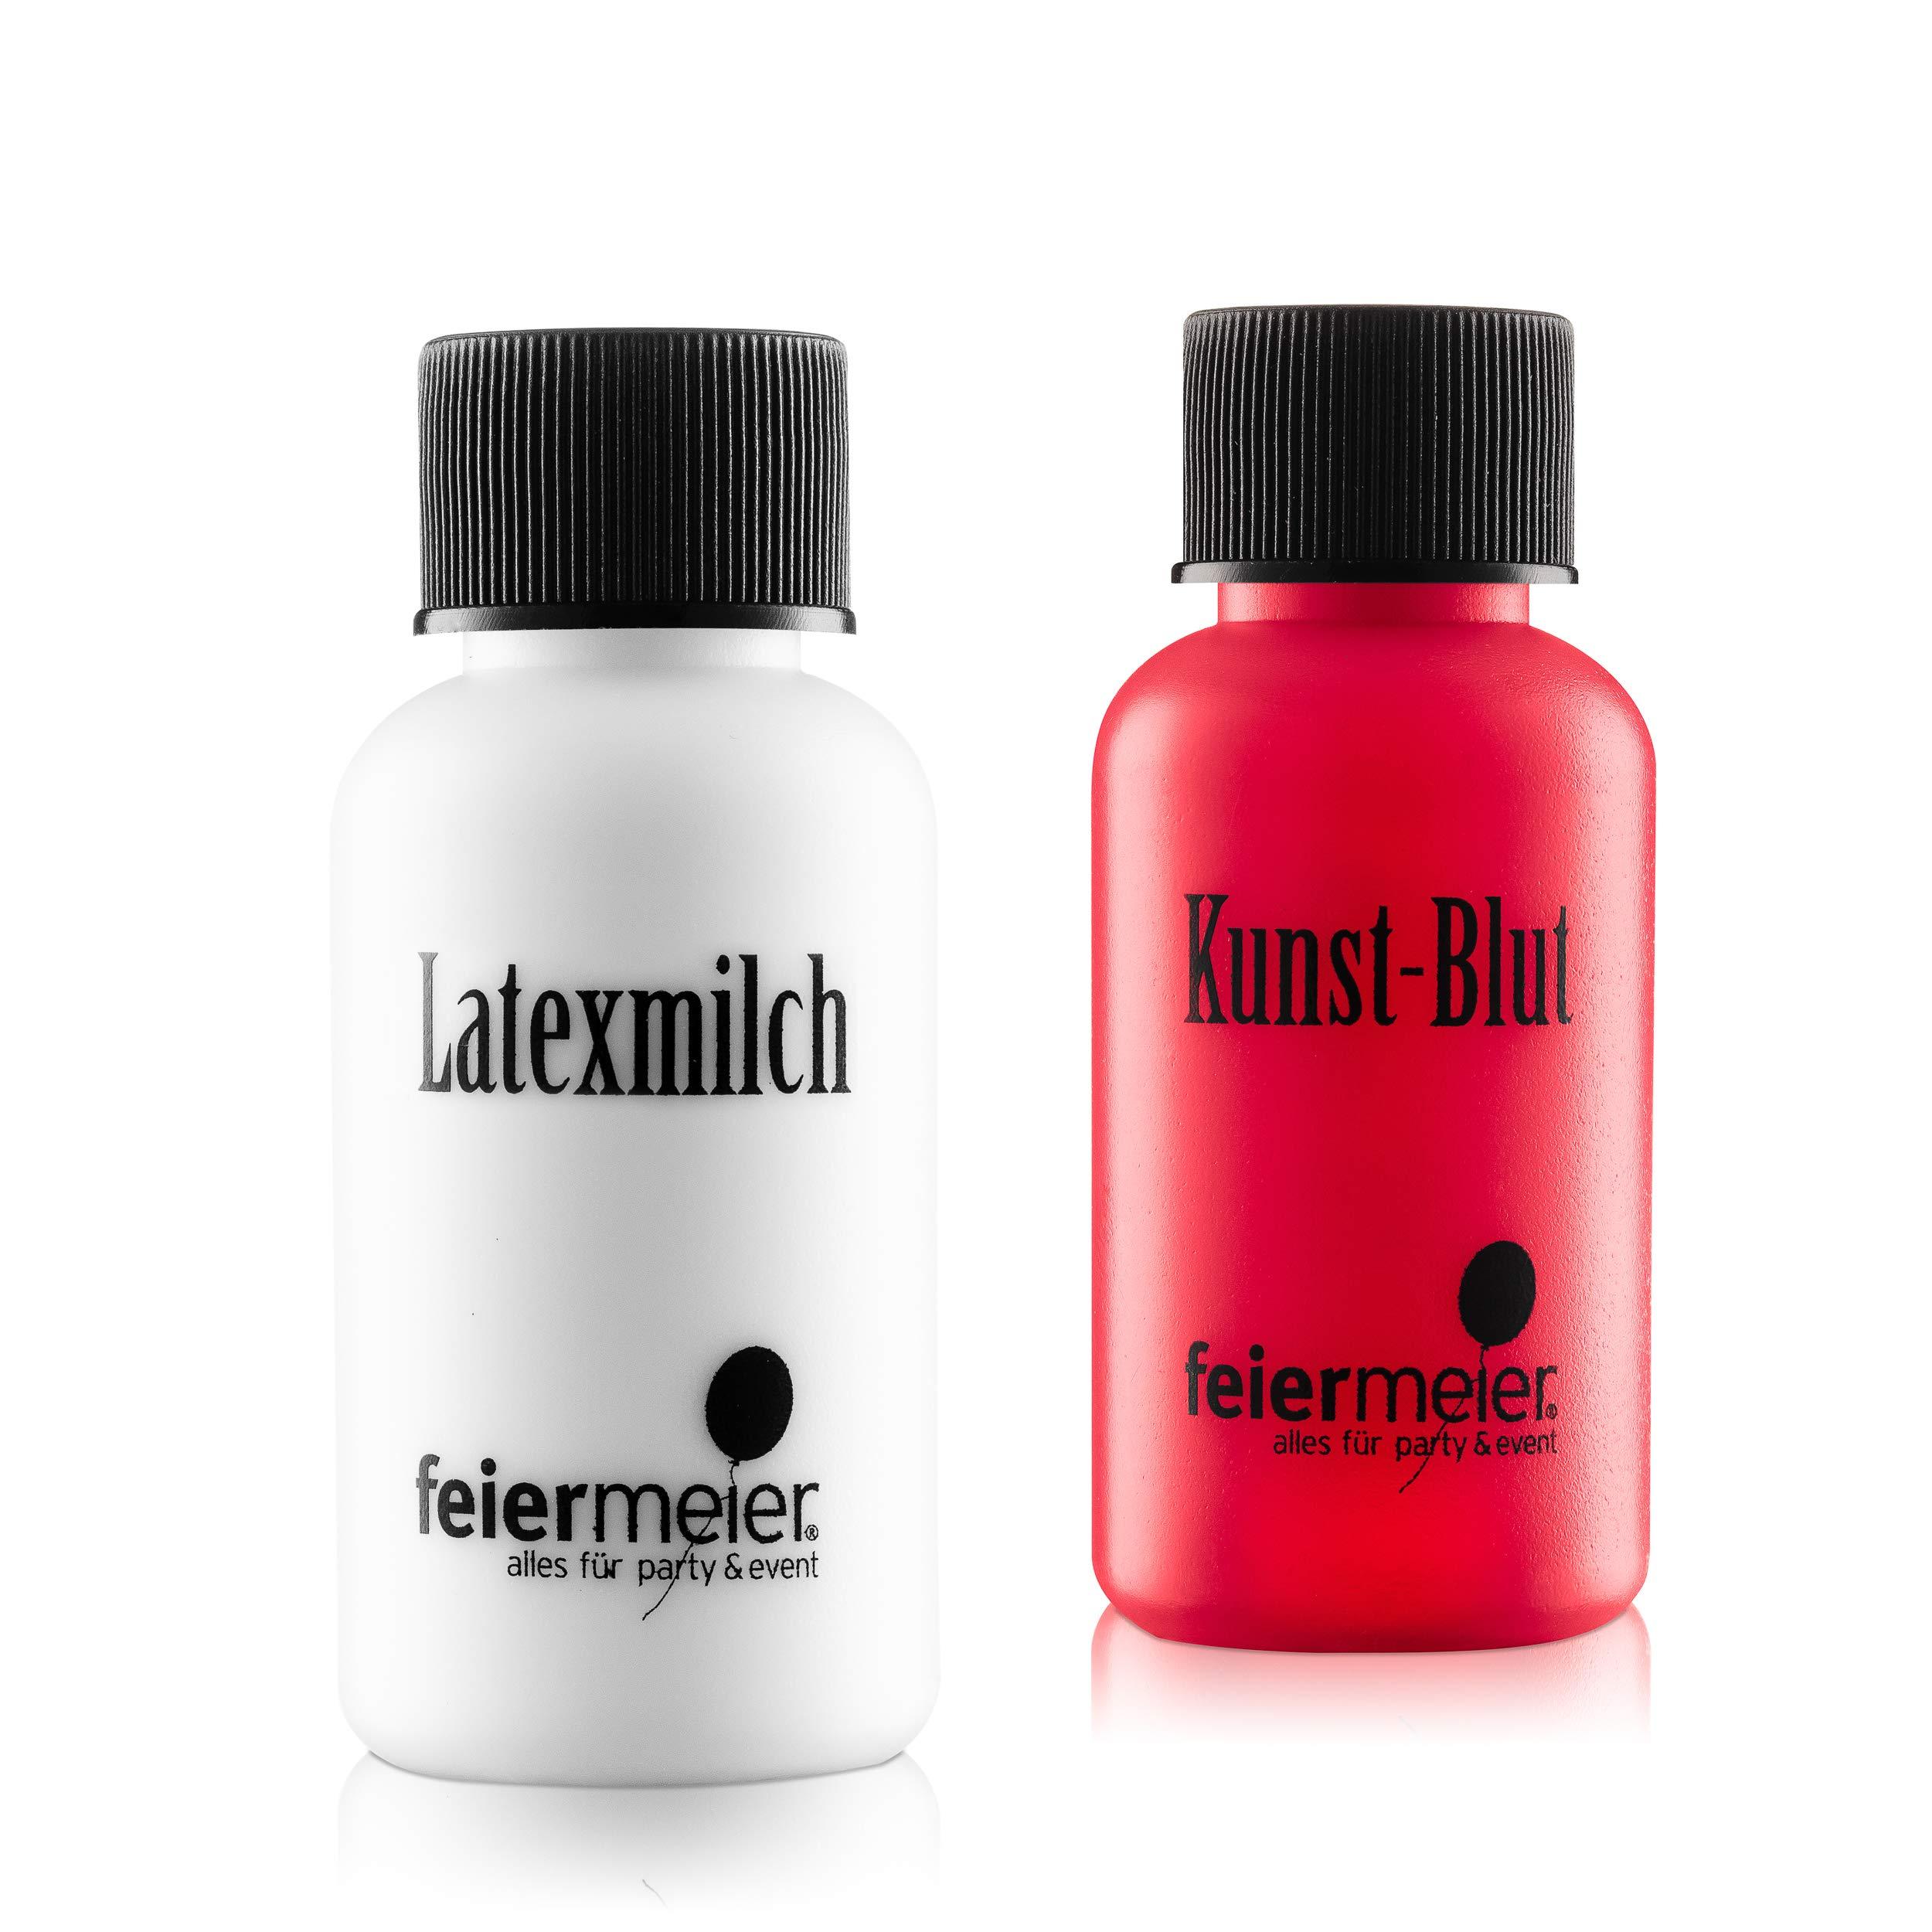 feiermeier® Horror Makeup Set XL Kunstblut (Vampirblut echt) 29,5 ml